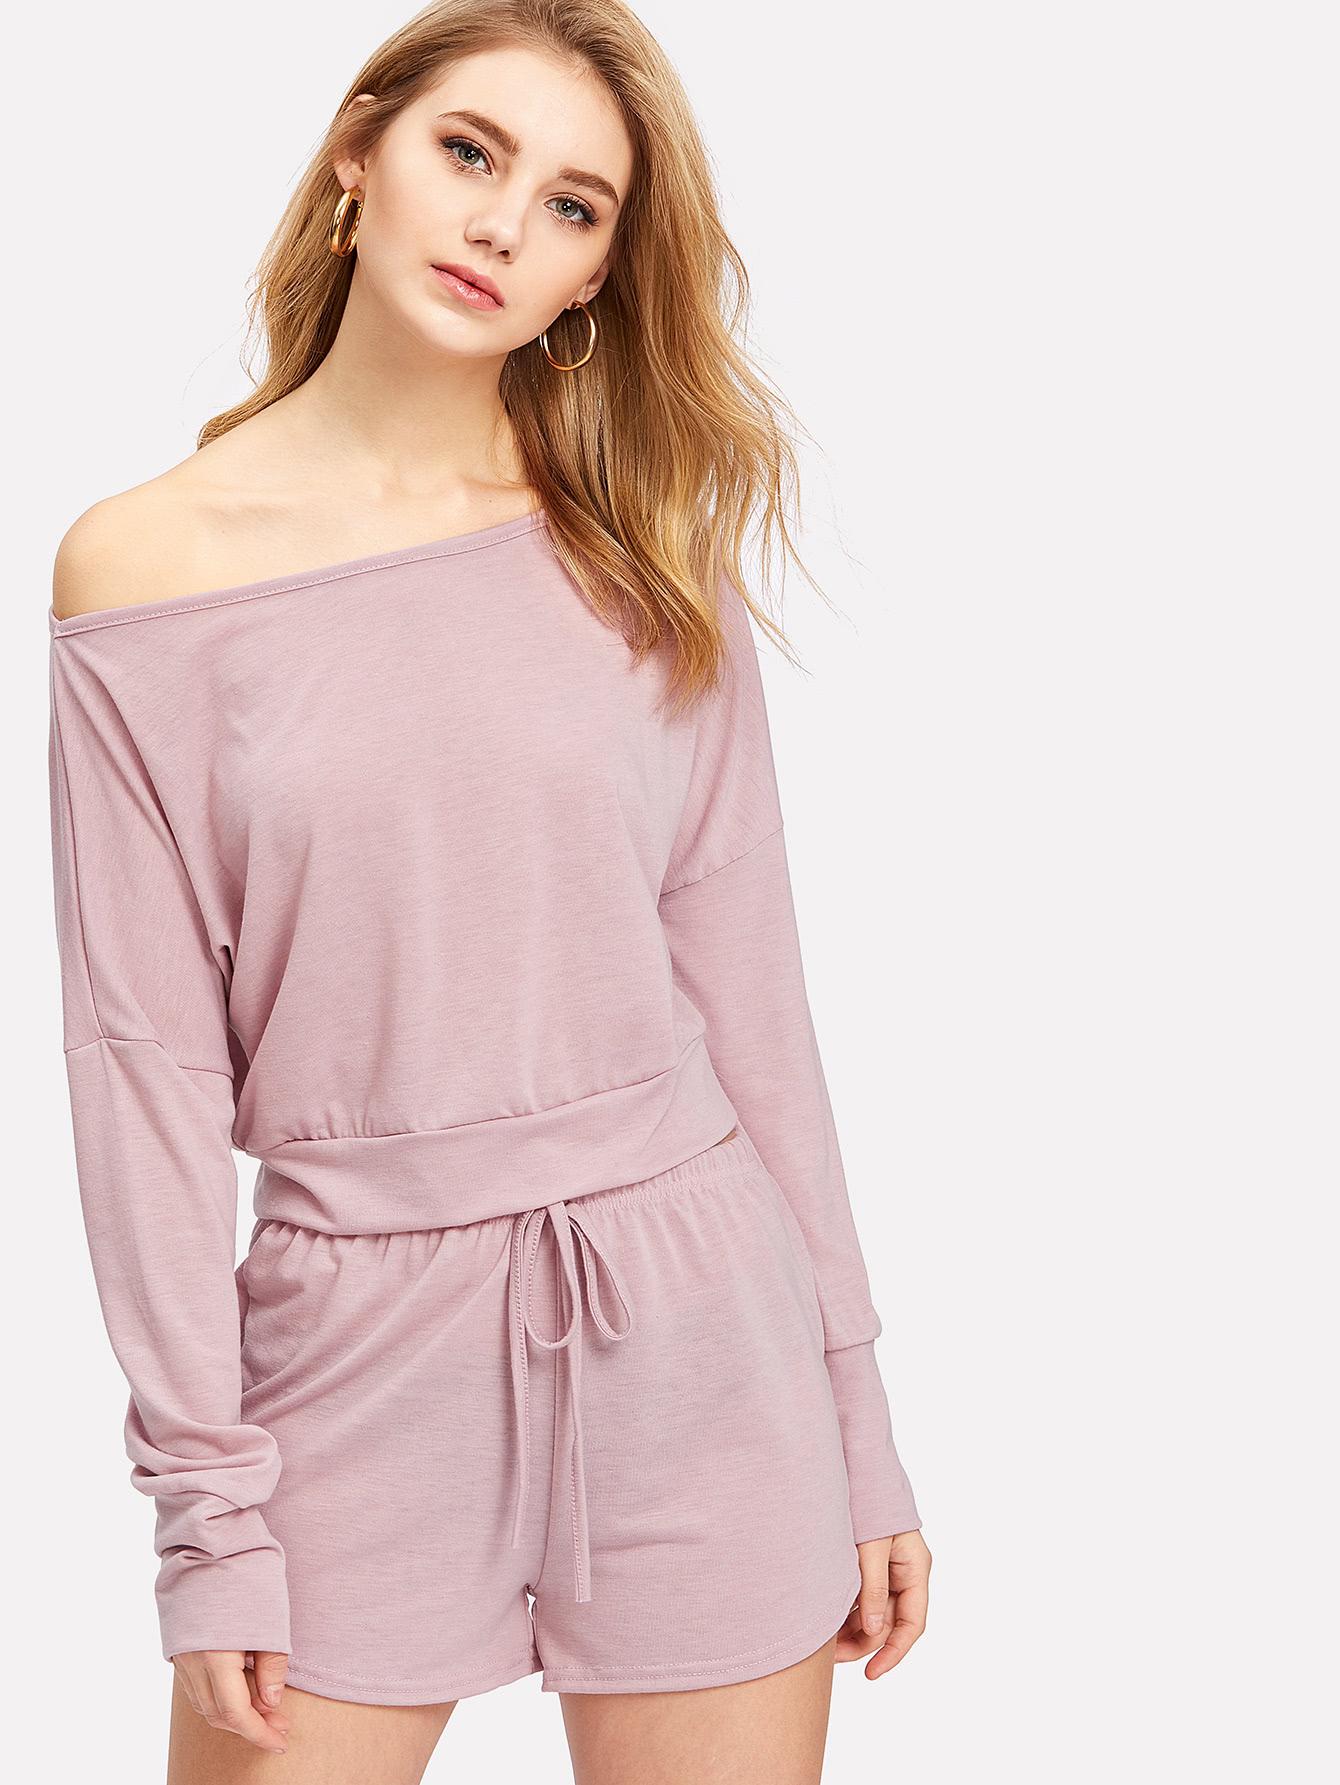 Drop Shoulder Crop Pullover With Shorts drop shoulder water color crop sweatshirt